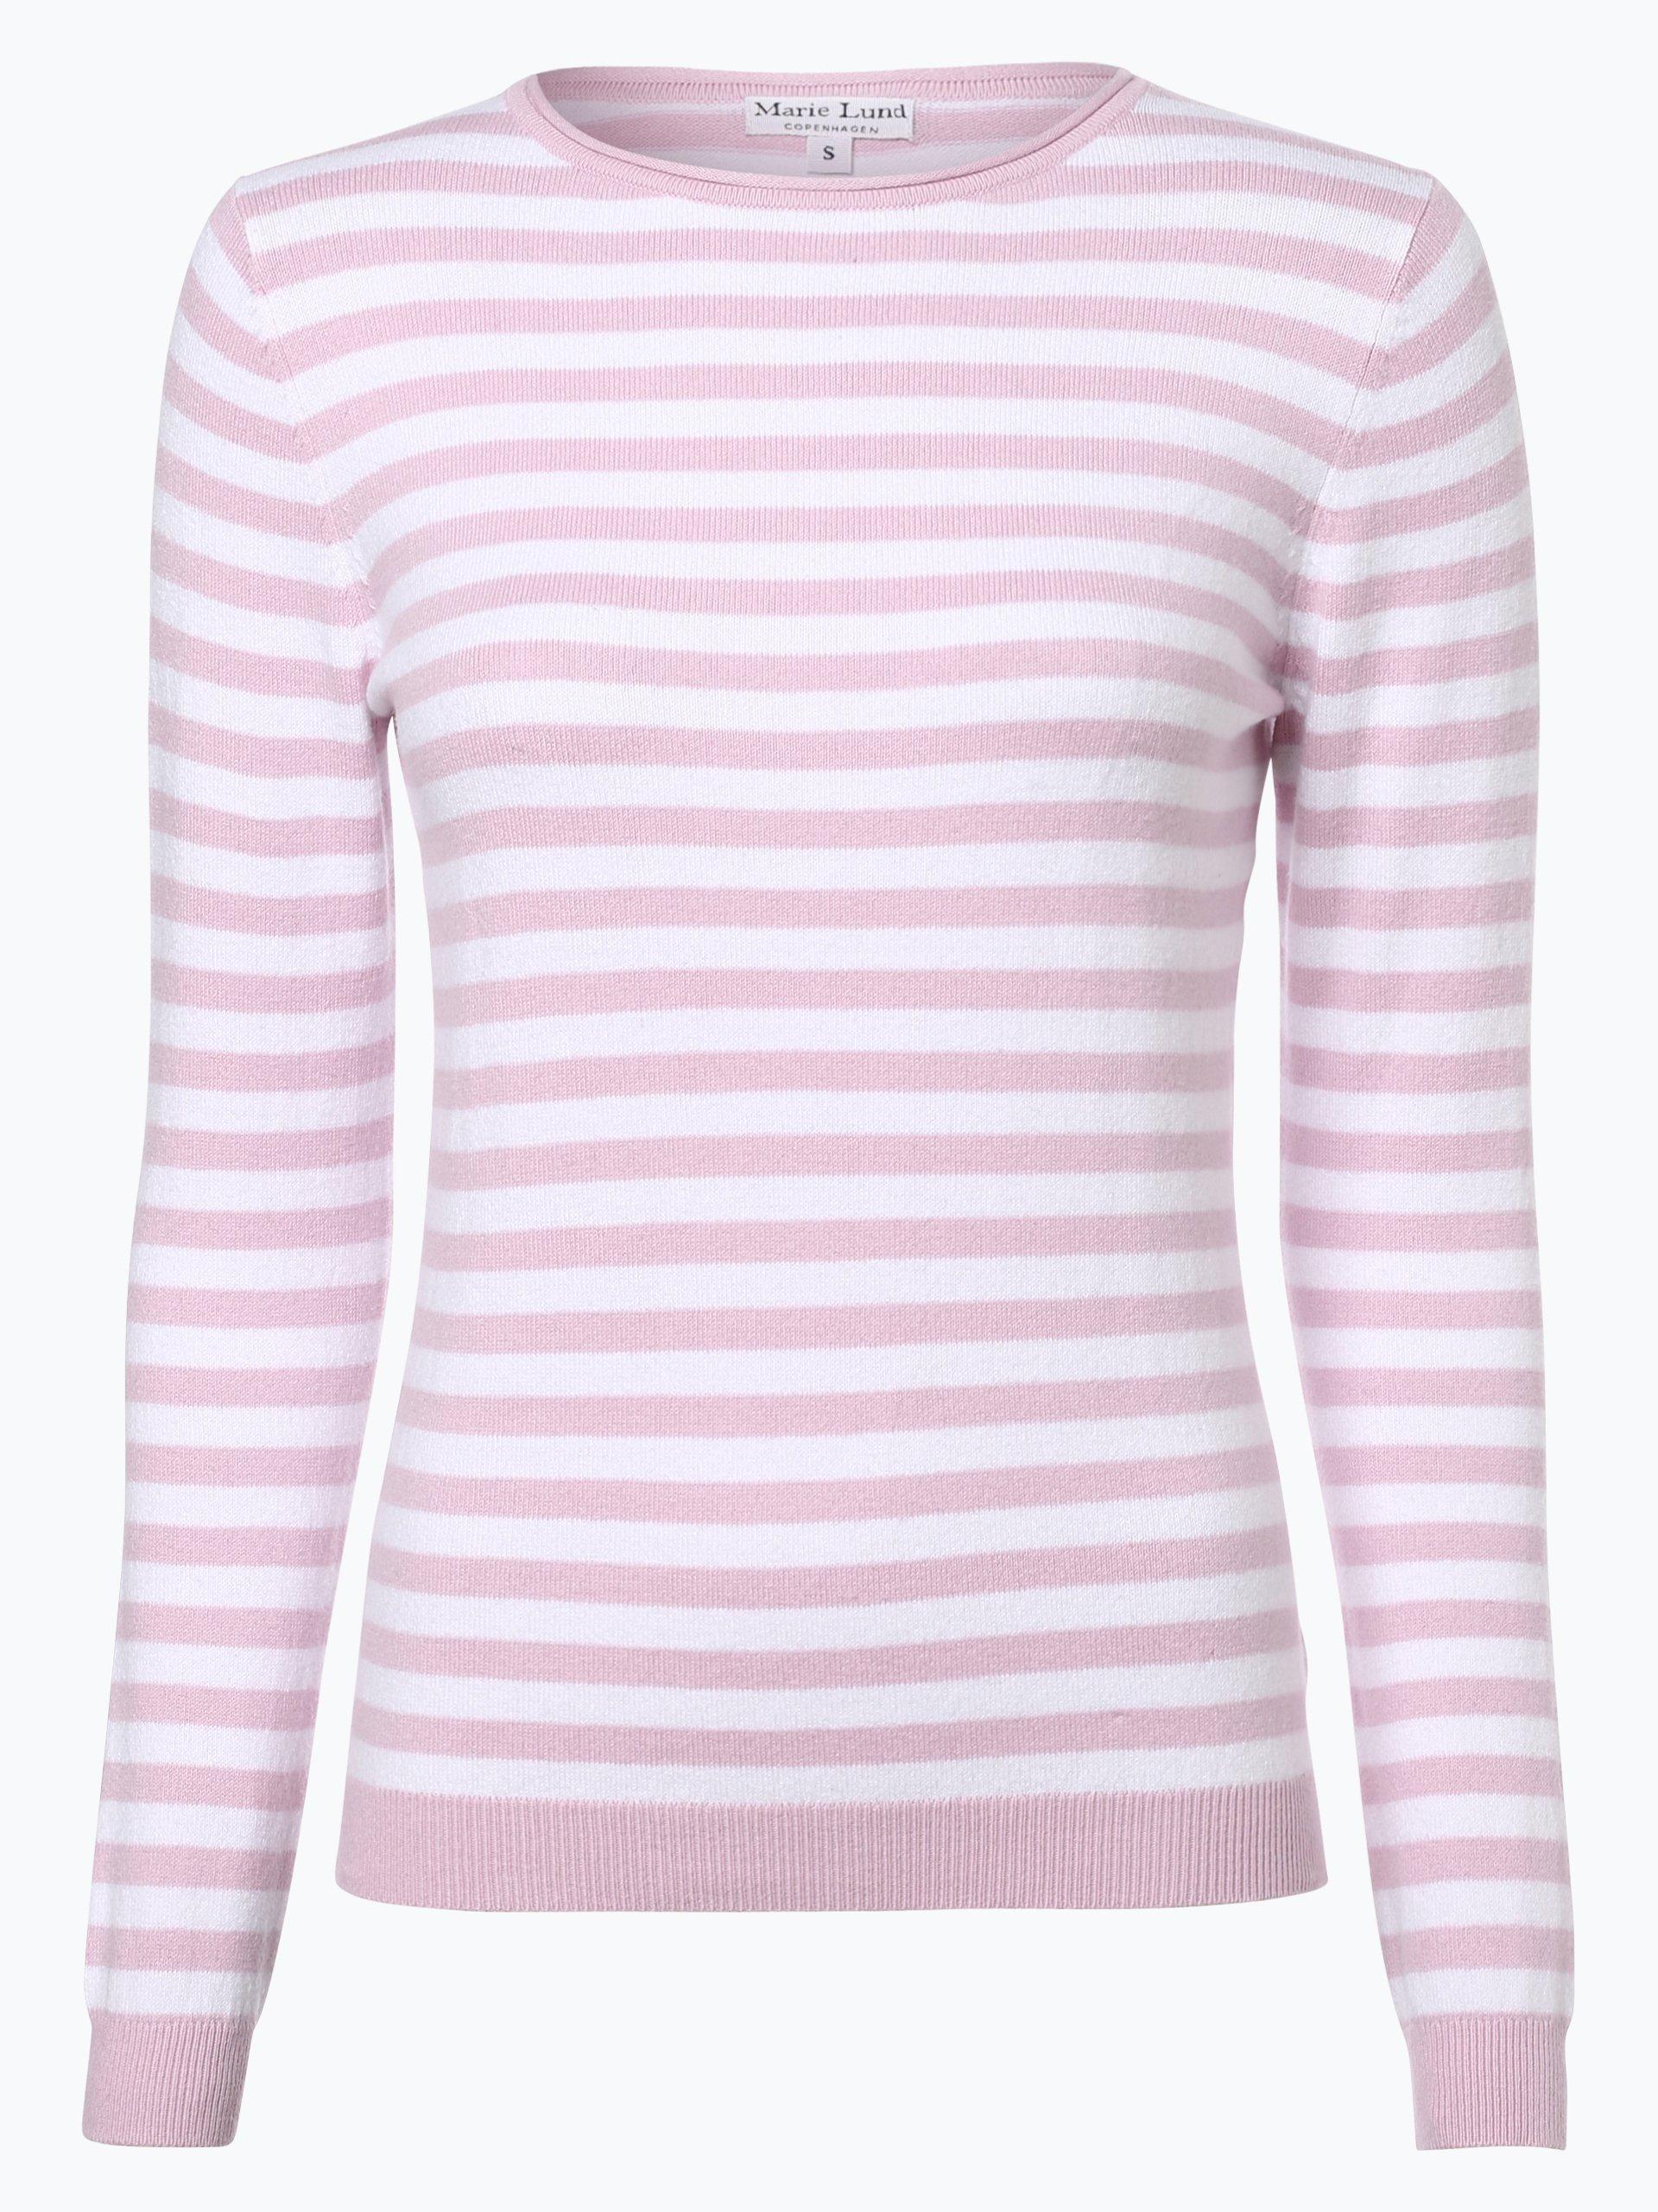 marie lund damen pullover mit cashmere anteil rosa gestreift online kaufen vangraaf com. Black Bedroom Furniture Sets. Home Design Ideas